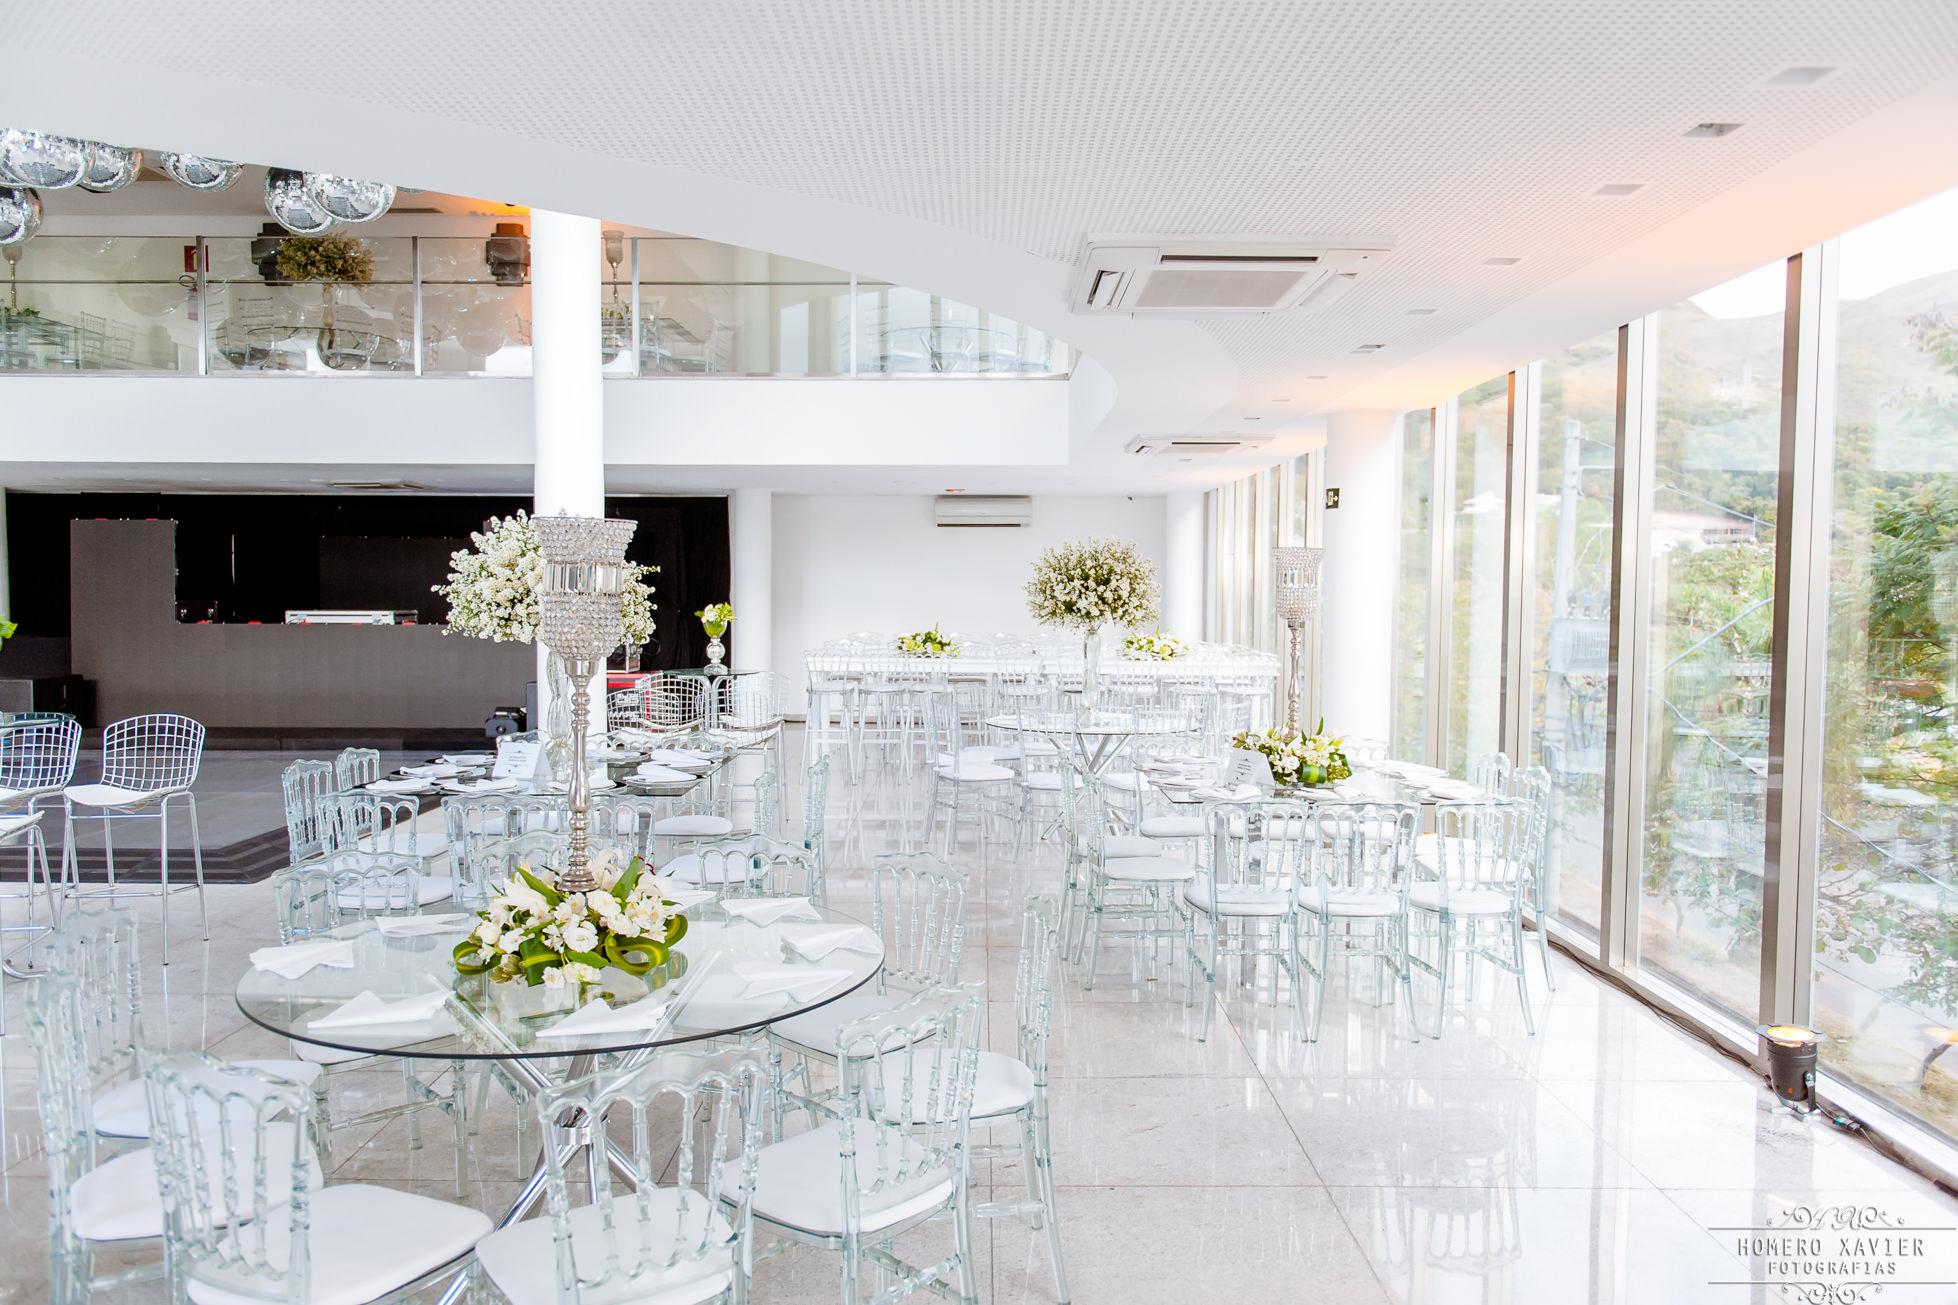 fotografia decoração de salão de festas Das Haus casamento em bh